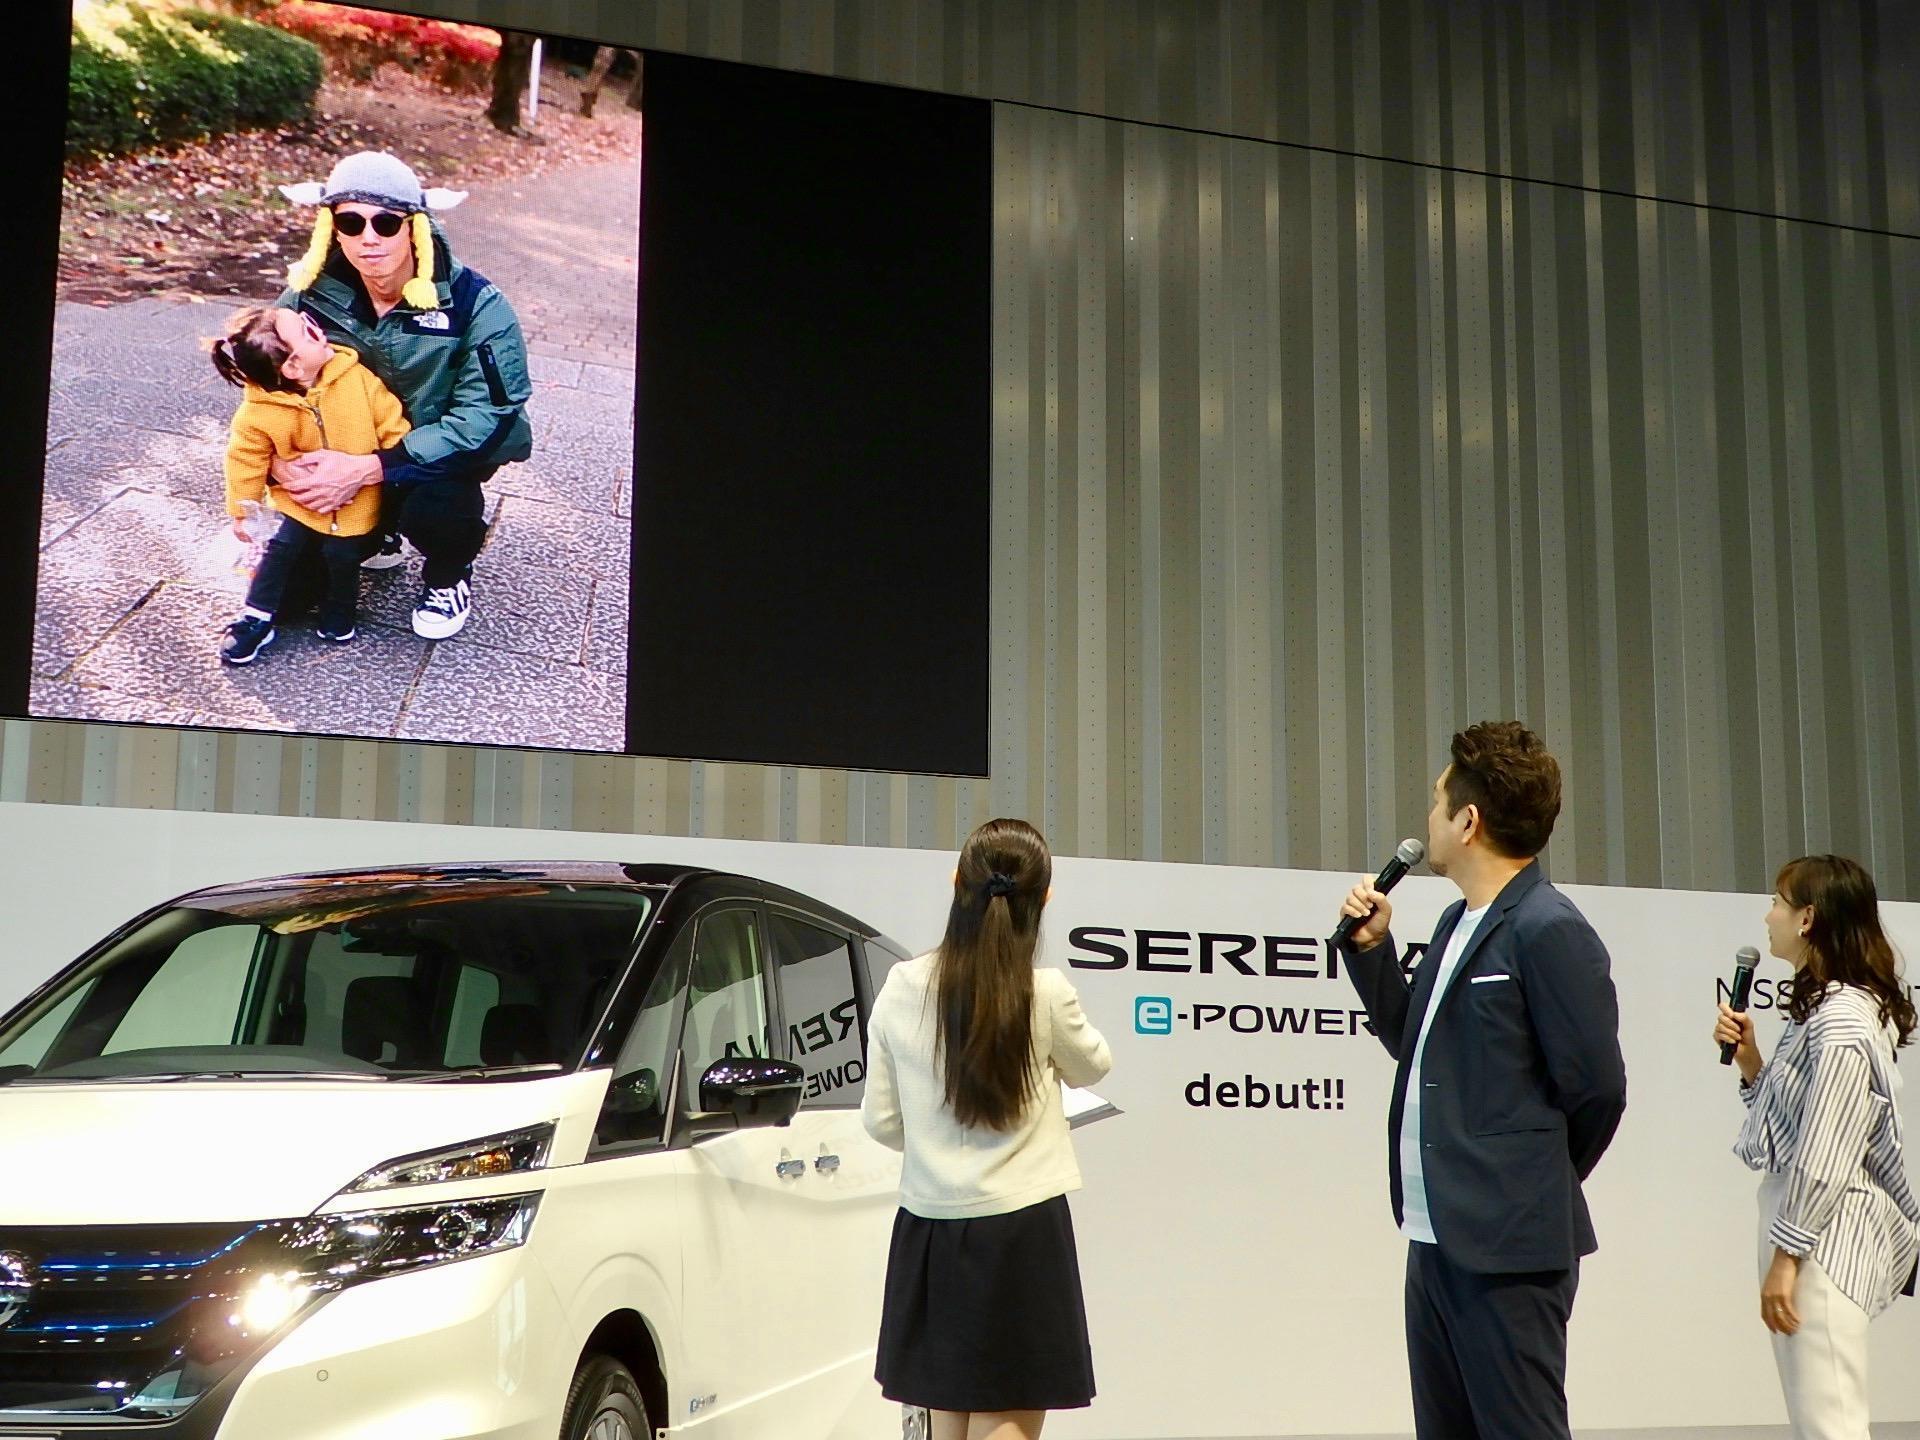 http://news.yoshimoto.co.jp/20180228184245-82bdaf51a16b1fcef2b7e53e46b33424a41b0d55.jpg